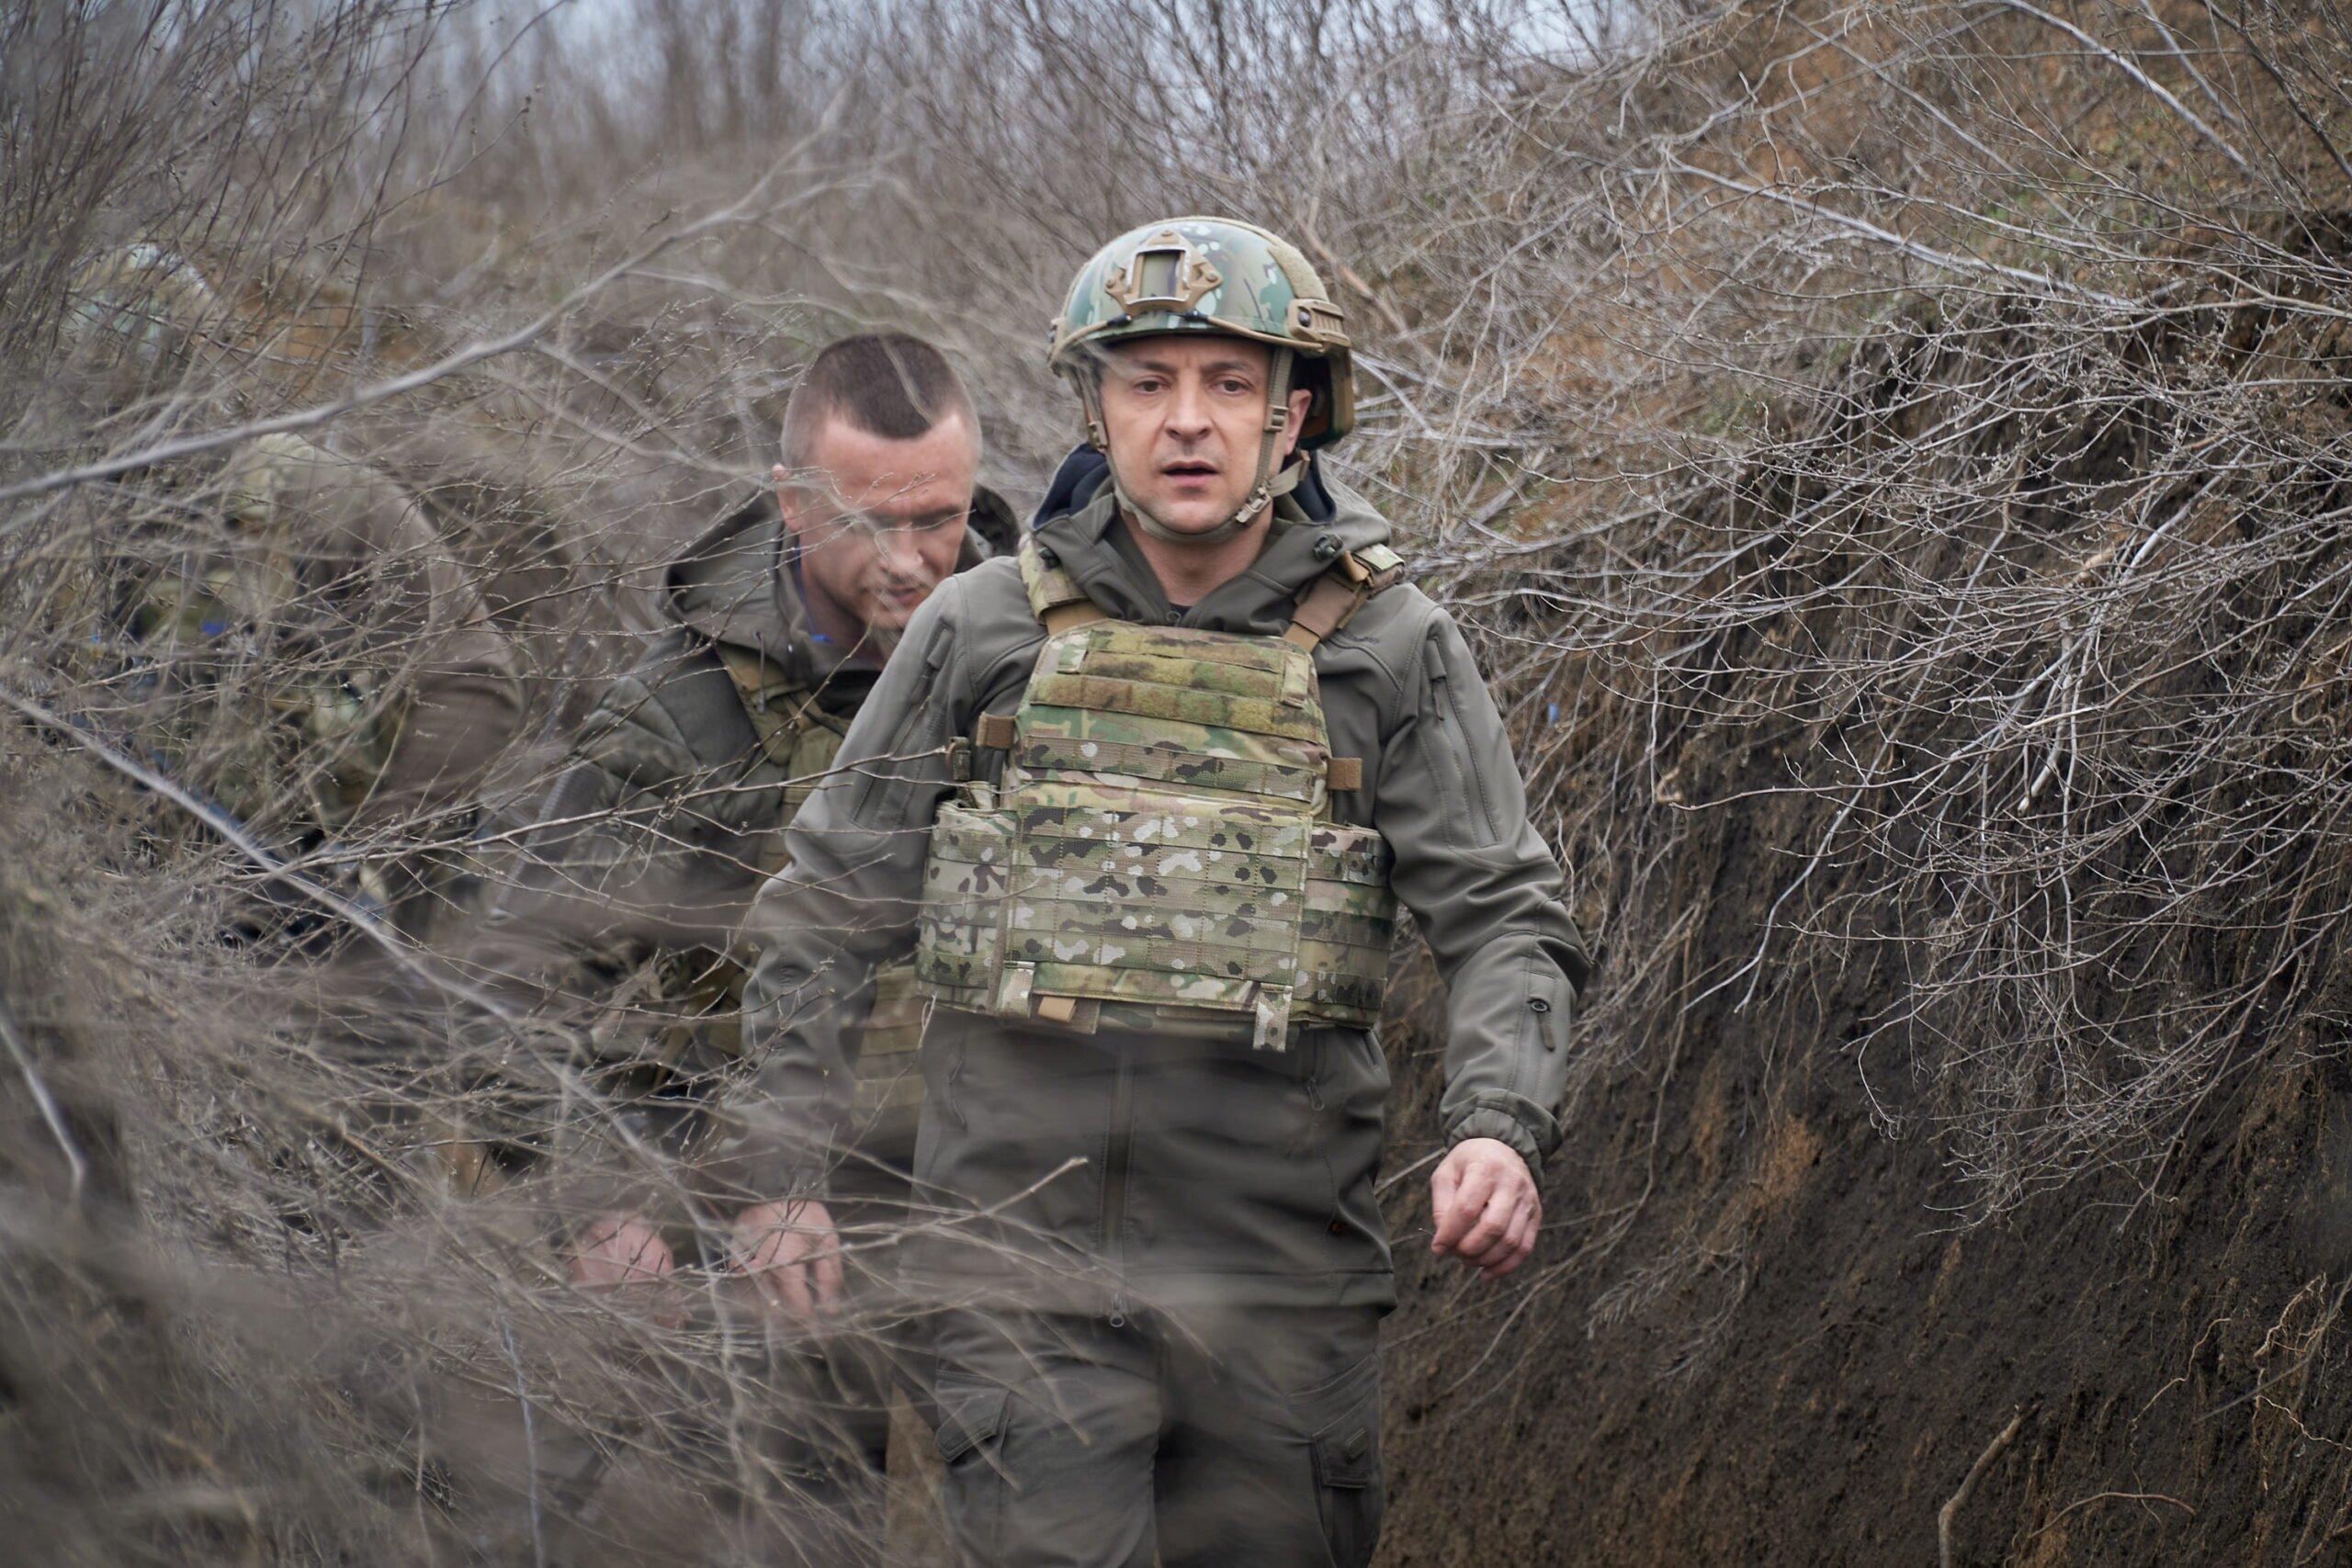 Η Μόσχα προειδοποιεί τις ΗΠΑ να μείνουν μακριά από τη Ρωσία και την Κριμαία, με υψηλό κίνδυνο συμβάντων